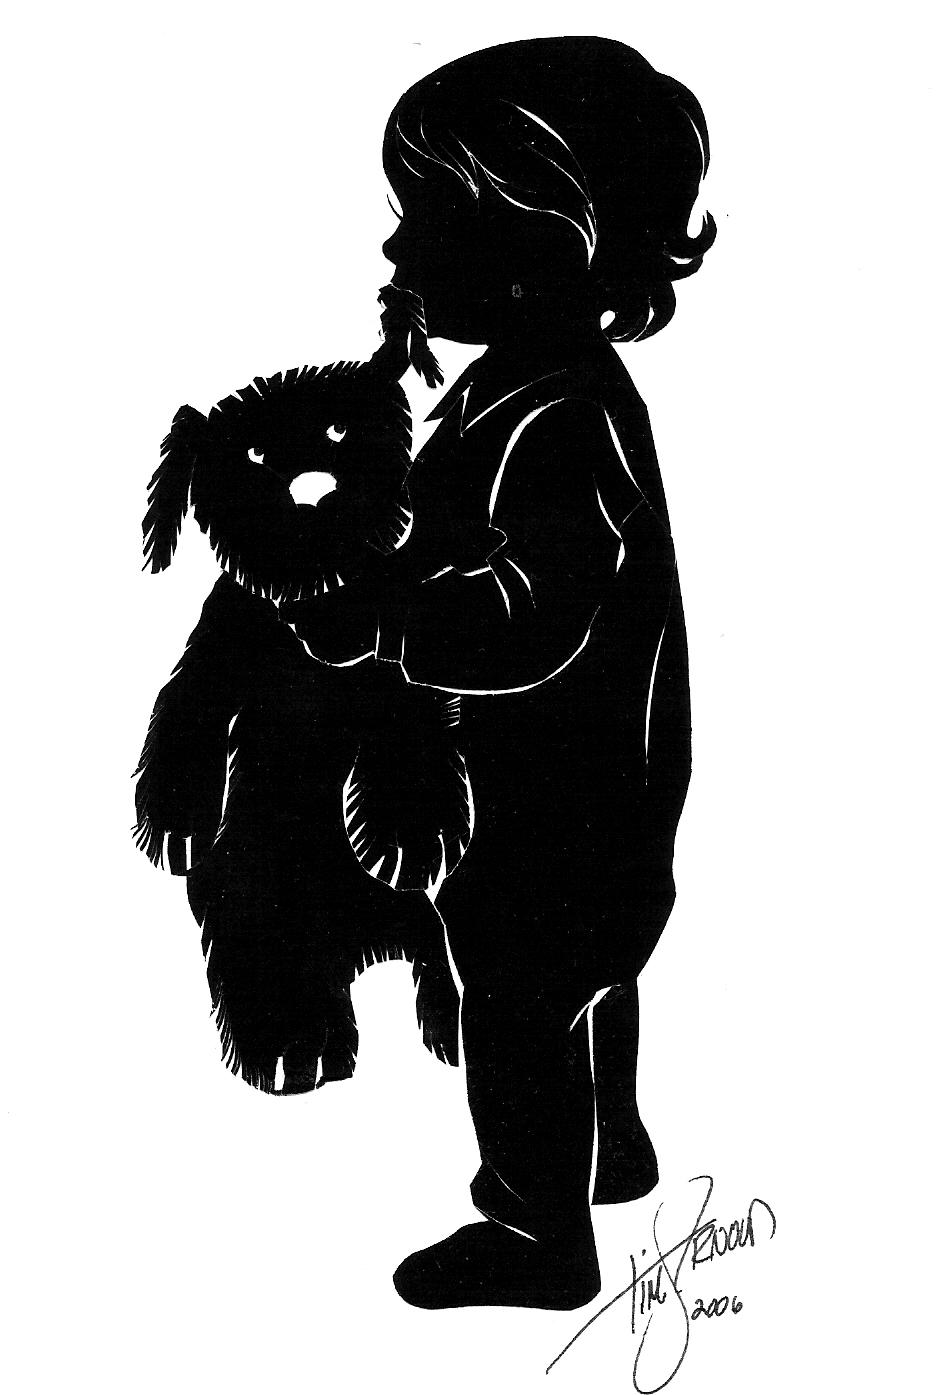 silhouette artist tim arnold